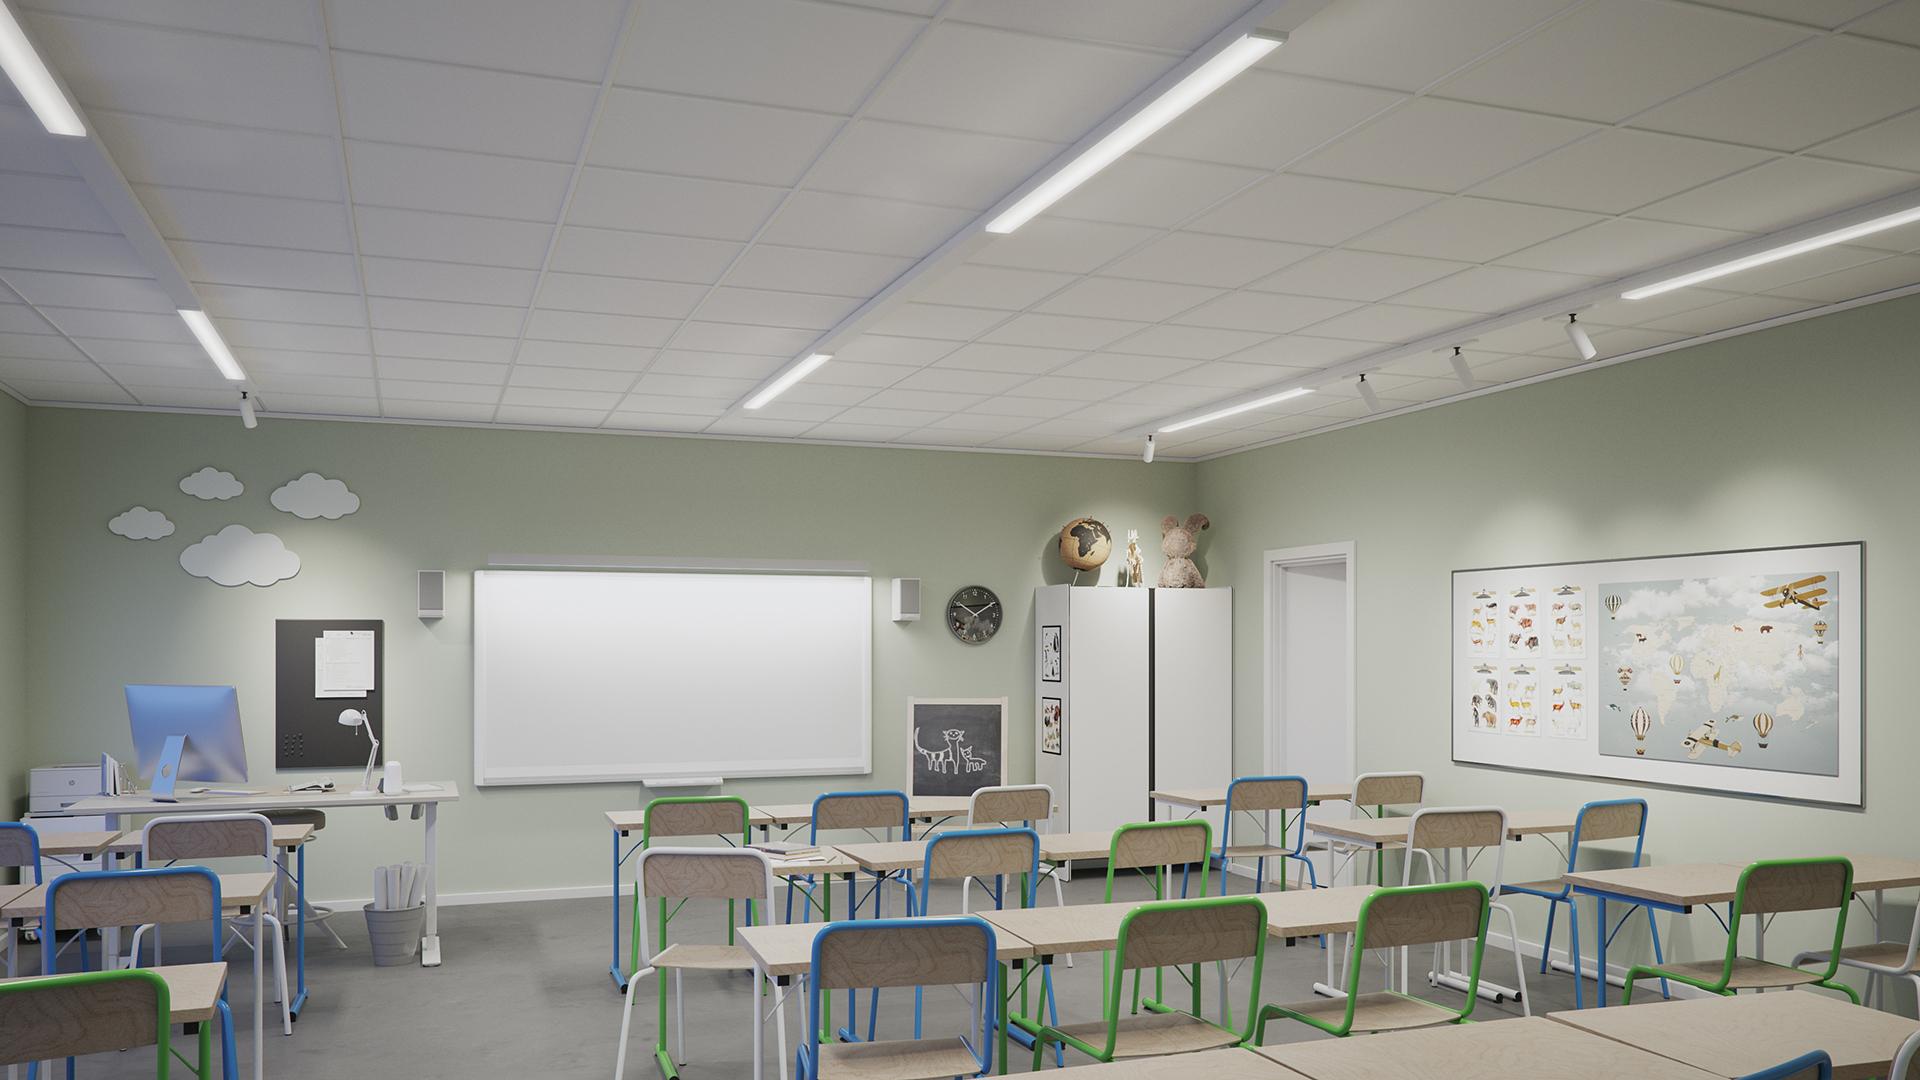 Klassrum med belysning av integrerad belysningsskena dikt tak.